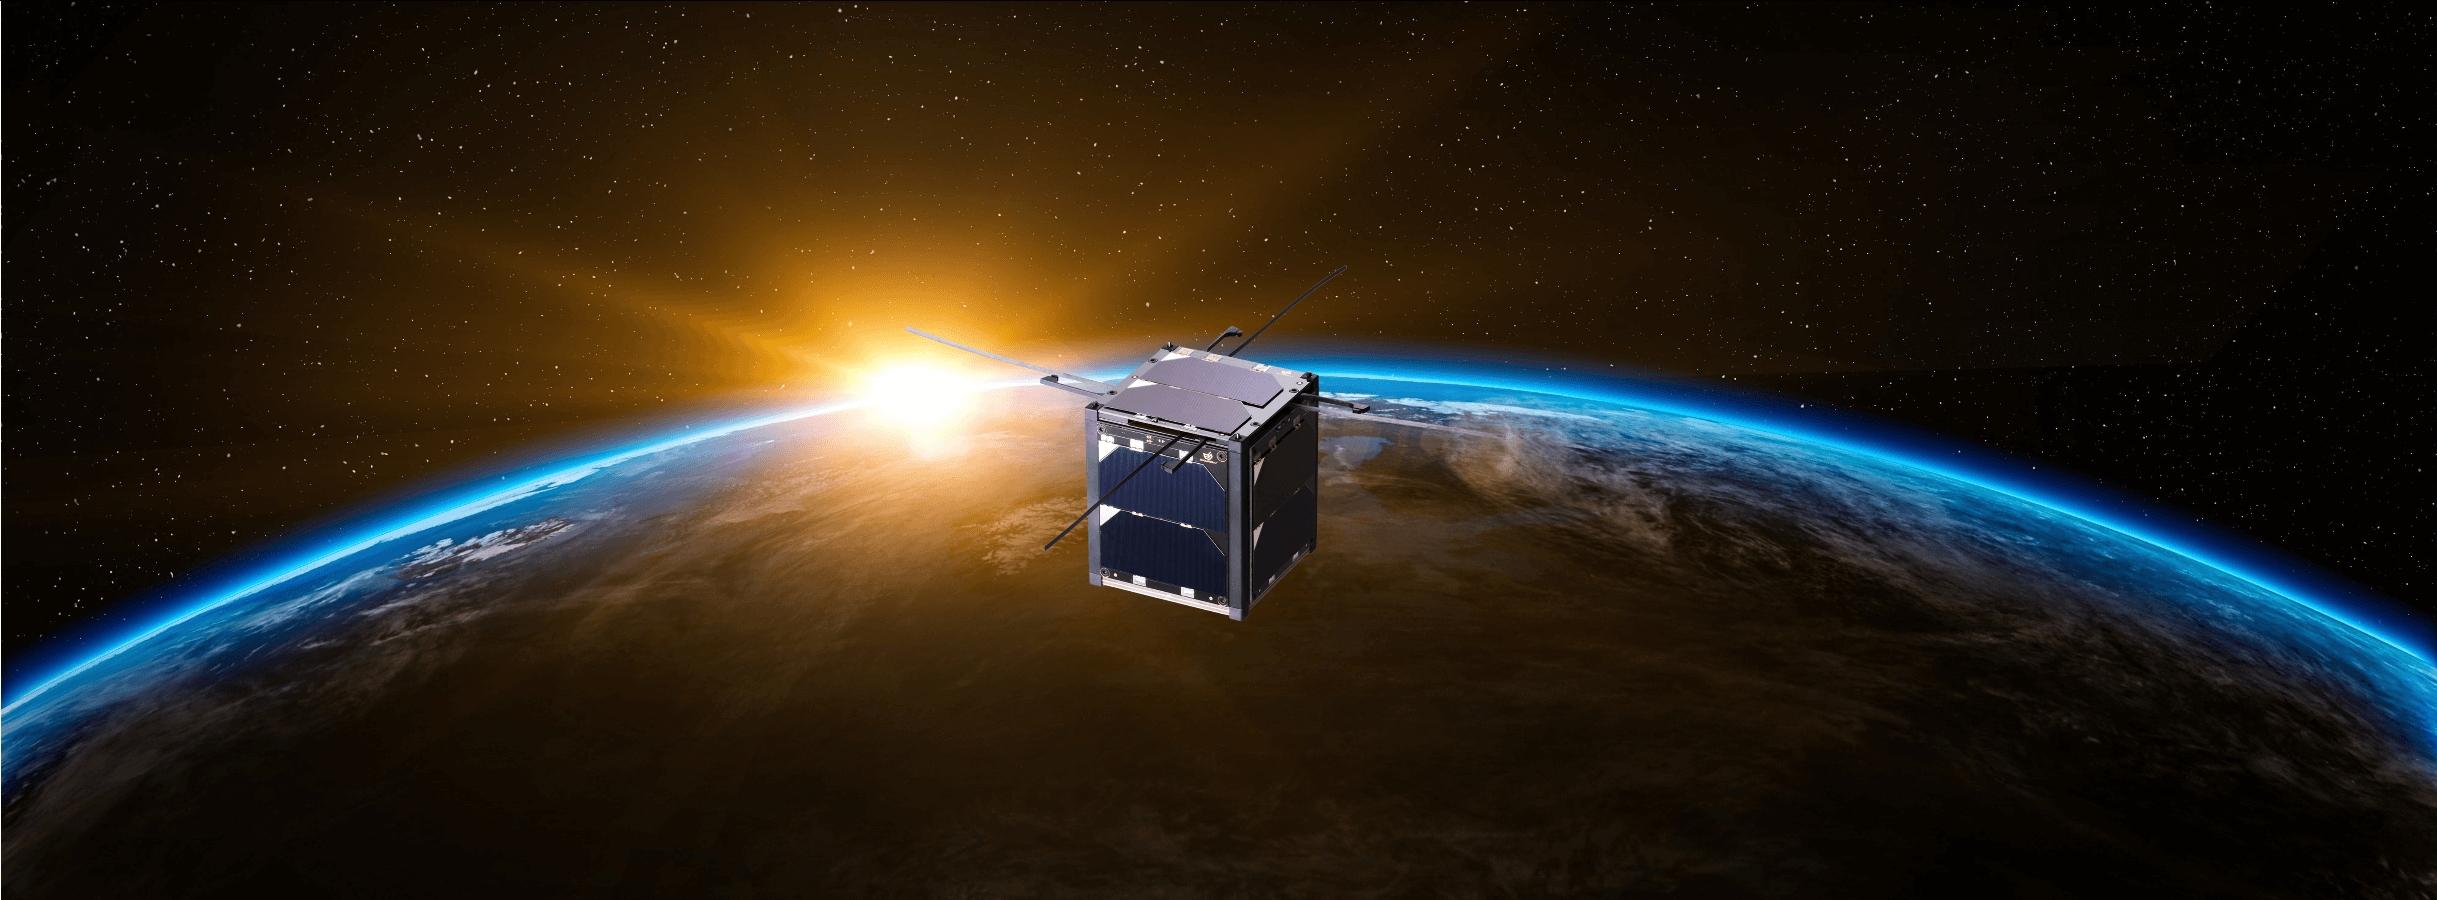 Първият изцяло български сателит чака извеждане в орбита